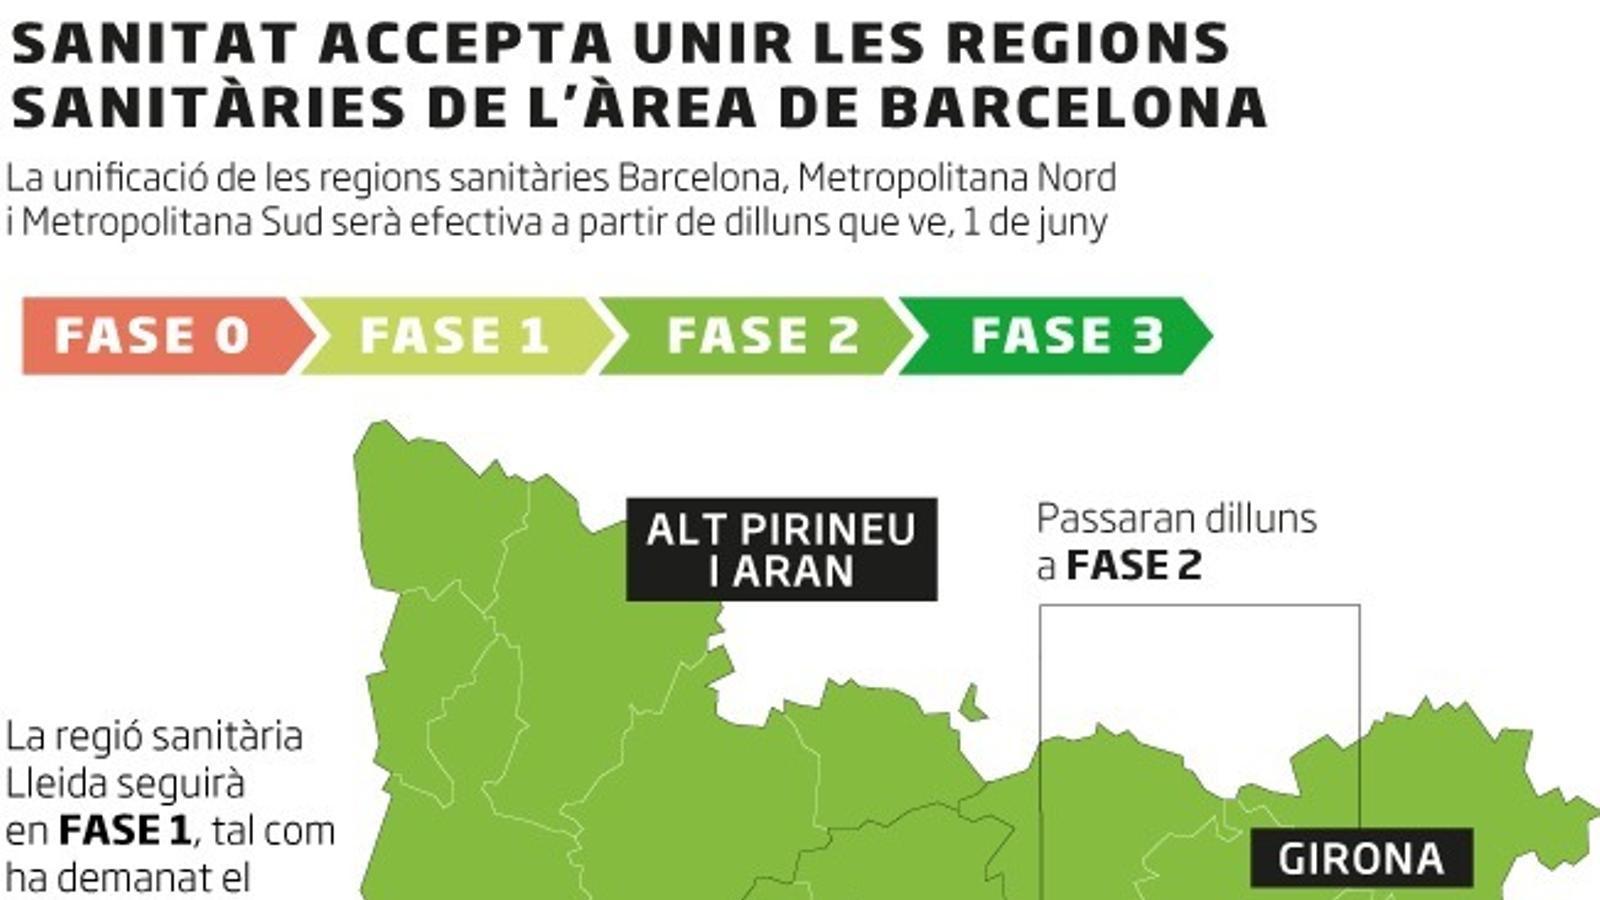 Sanitat autoritza unificar l'àrea metropolitana i que Girona, la Catalunya Central, l'Alt Penedès i el Garraf passin a la fase 2 dilluns